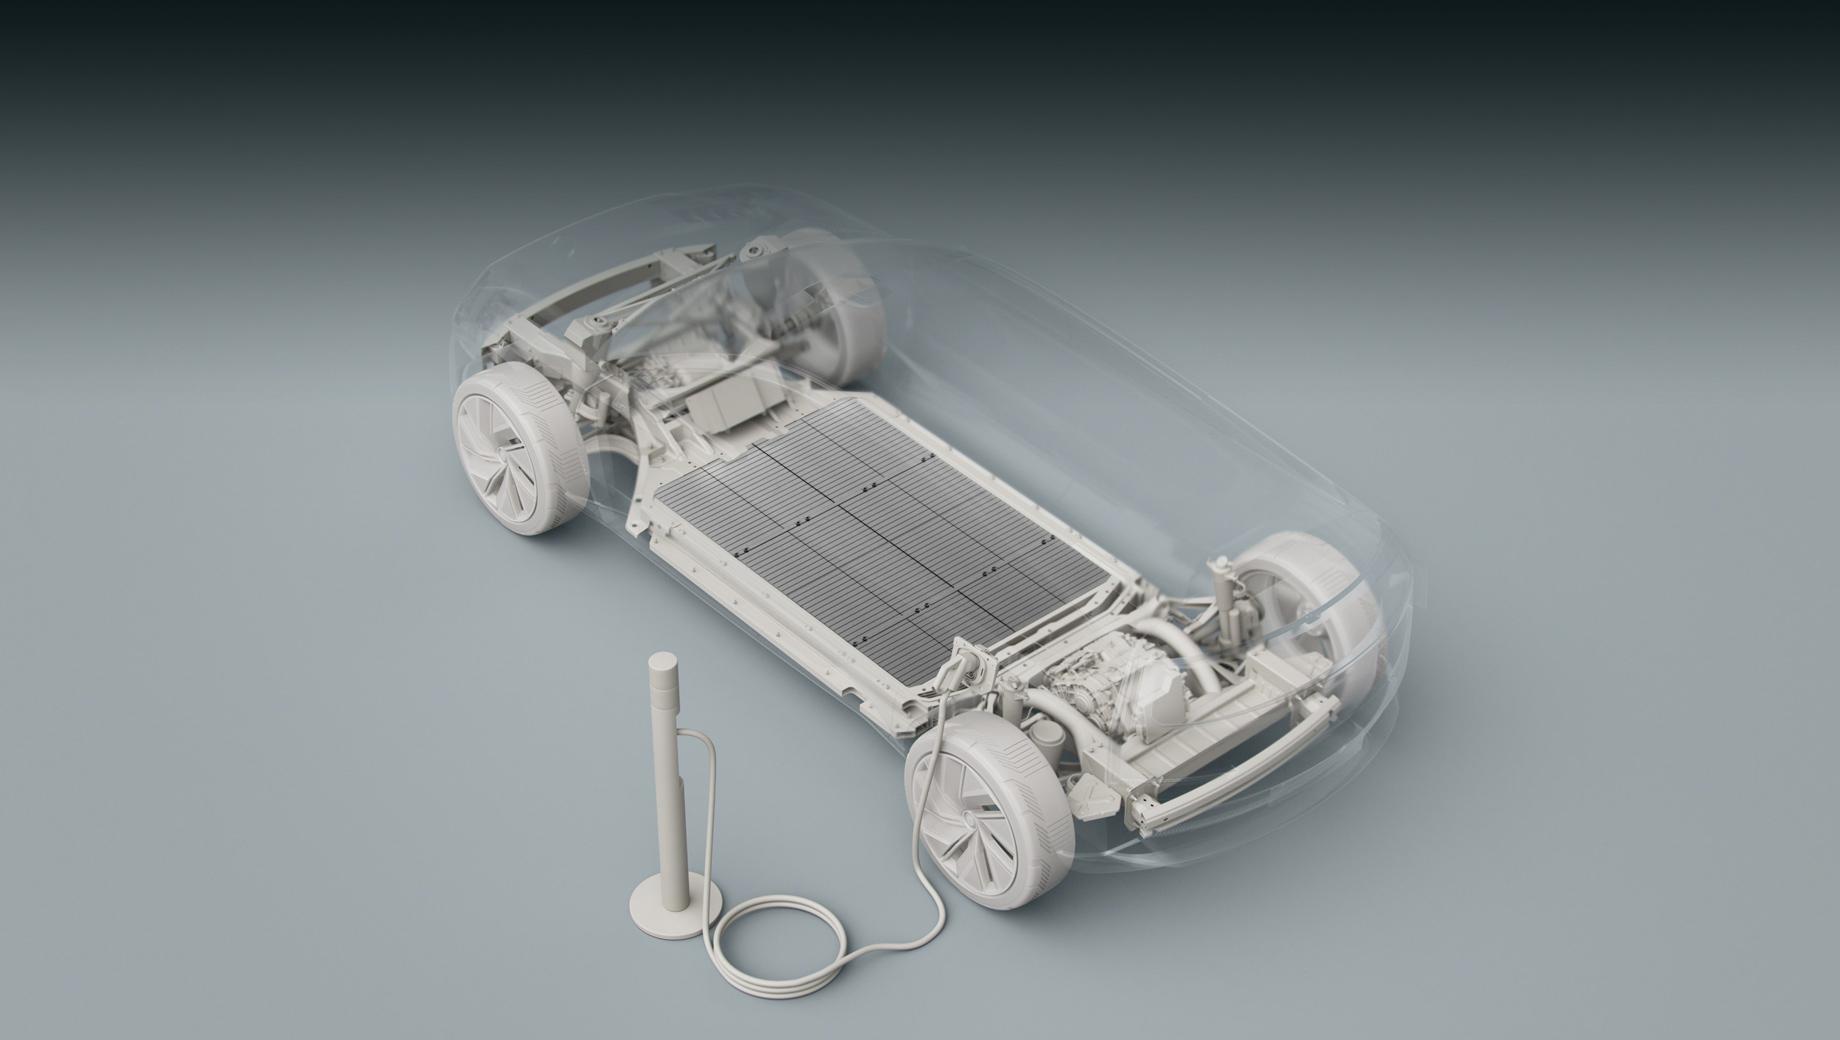 Volvo xc60. Перспективные Volvo, судя по эскизу, получат платформу, сразу оптимизированную под электропривод: посмотрите на огромную плоскую батарею и тяговые модули (электромотор плюс редуктор) на каждой из осей.